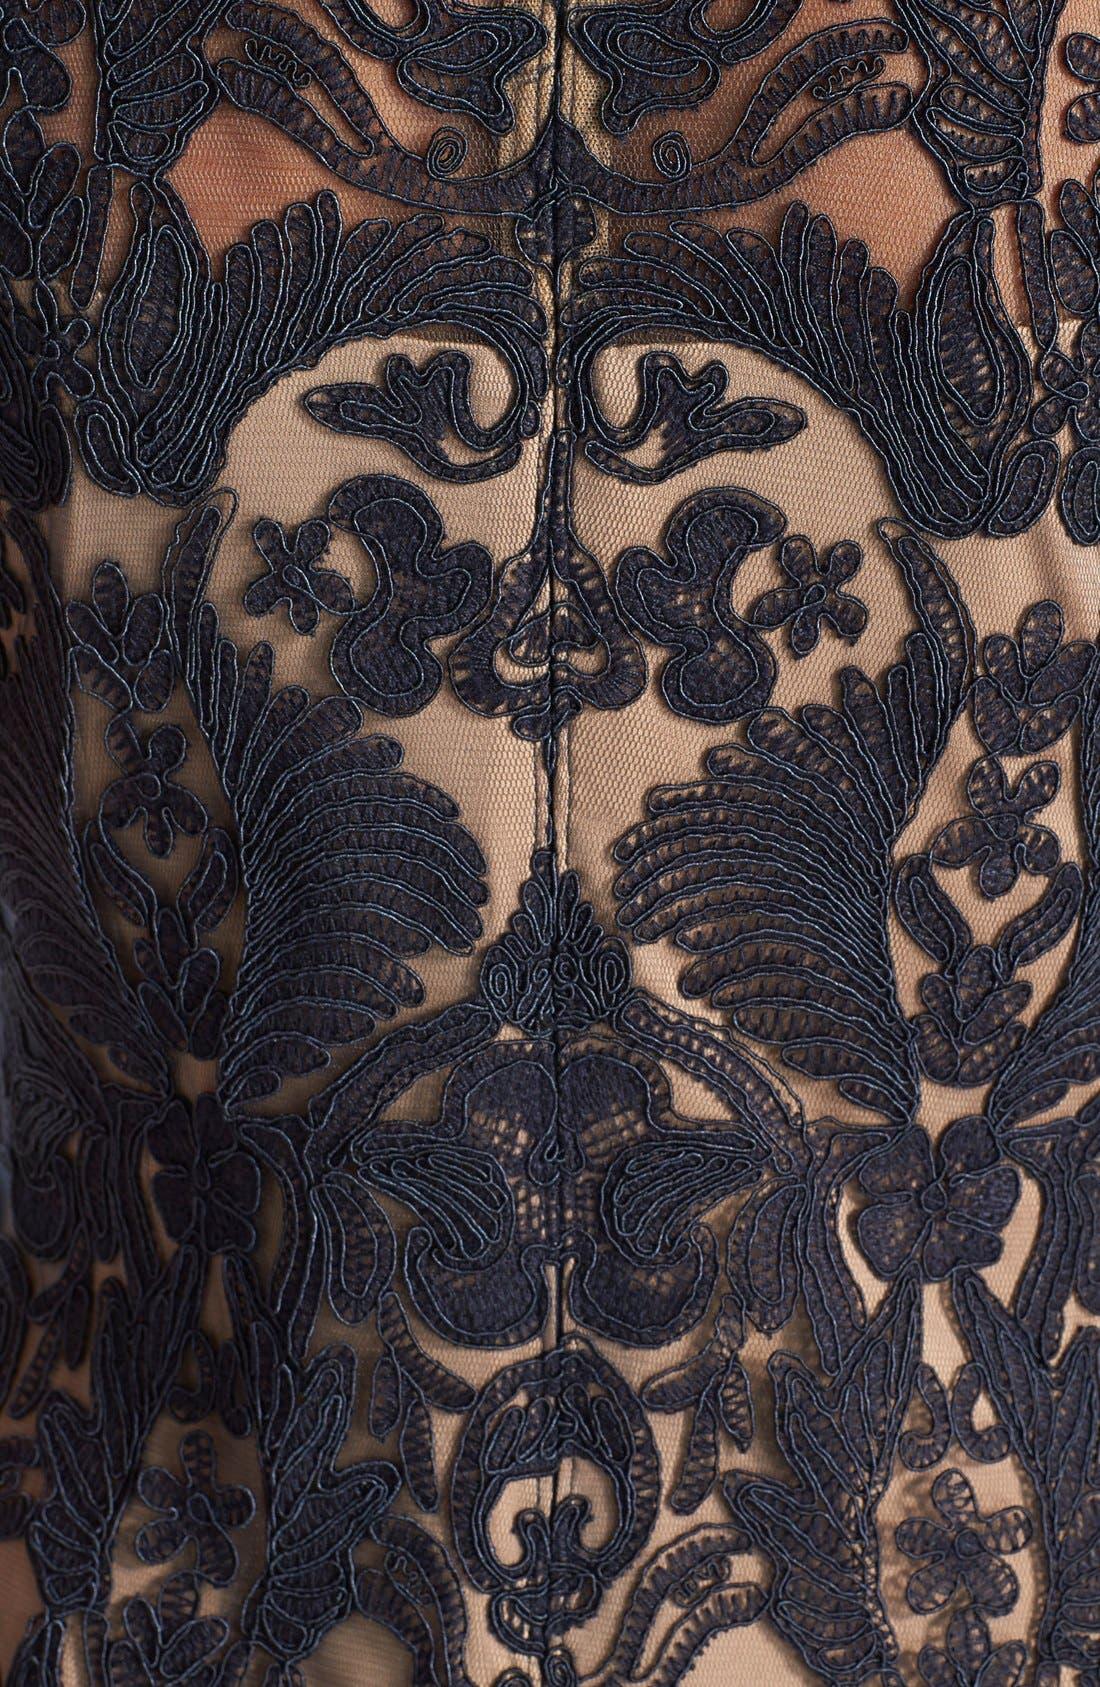 Illusion Yoke Lace Sheath Dress,                             Alternate thumbnail 74, color,